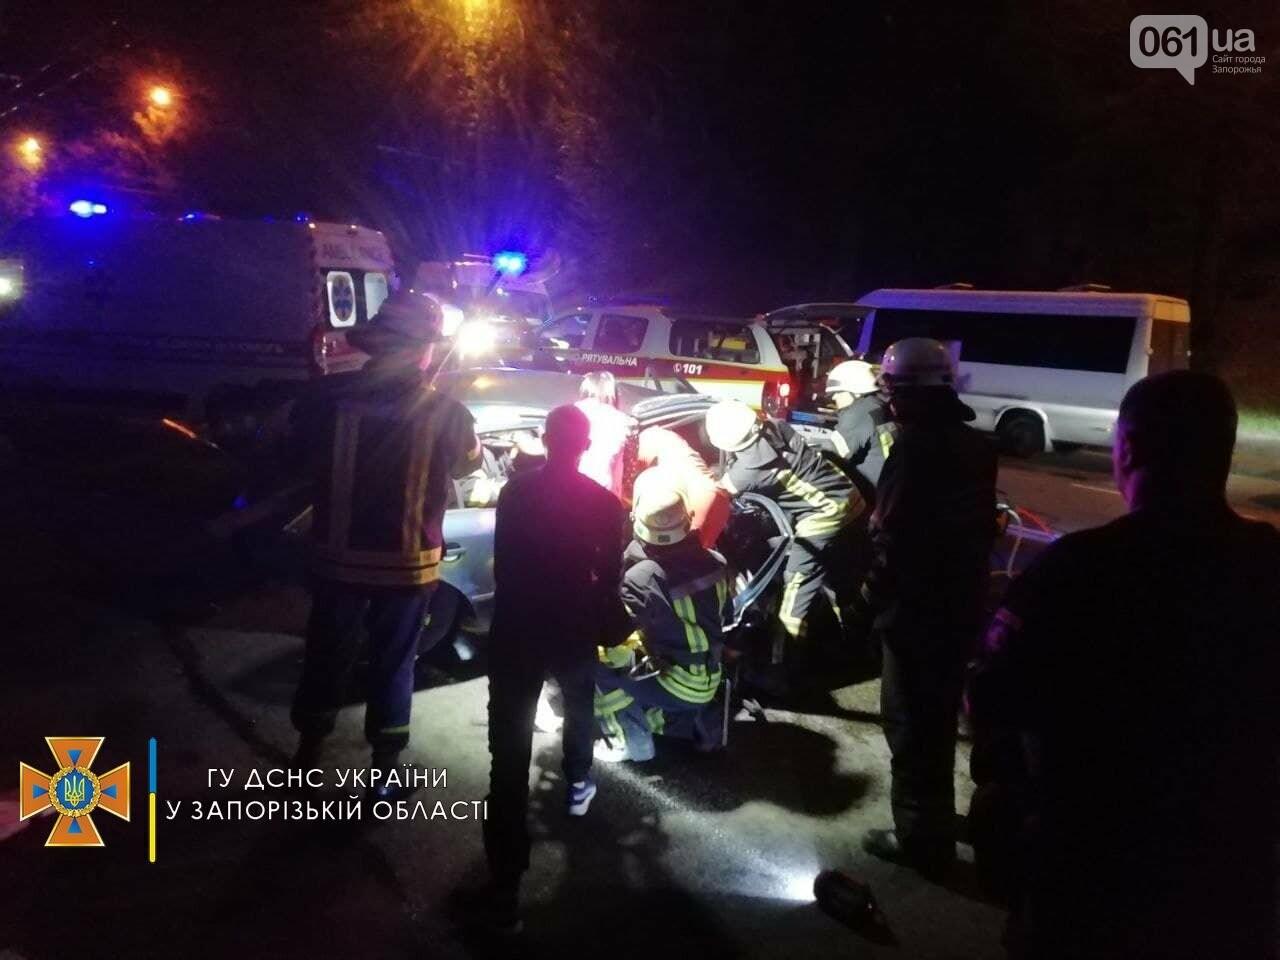 photo2021 09 0920 34 13 2result 613affb338587 - В ДТП на Космической пострадали 6 человек, одну из пассажирок зажало в авто